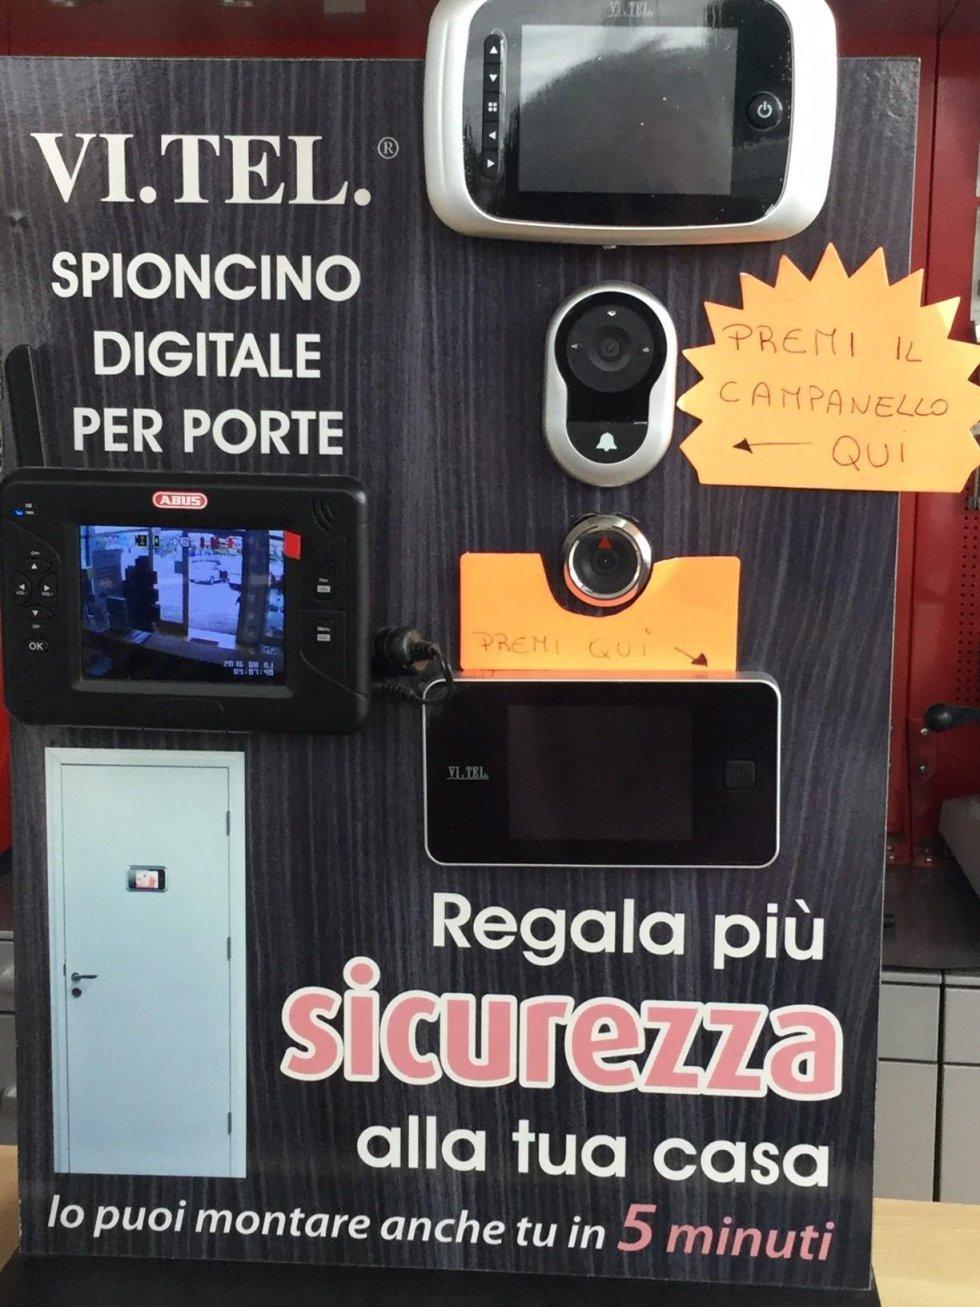 spioncino digitale per porte